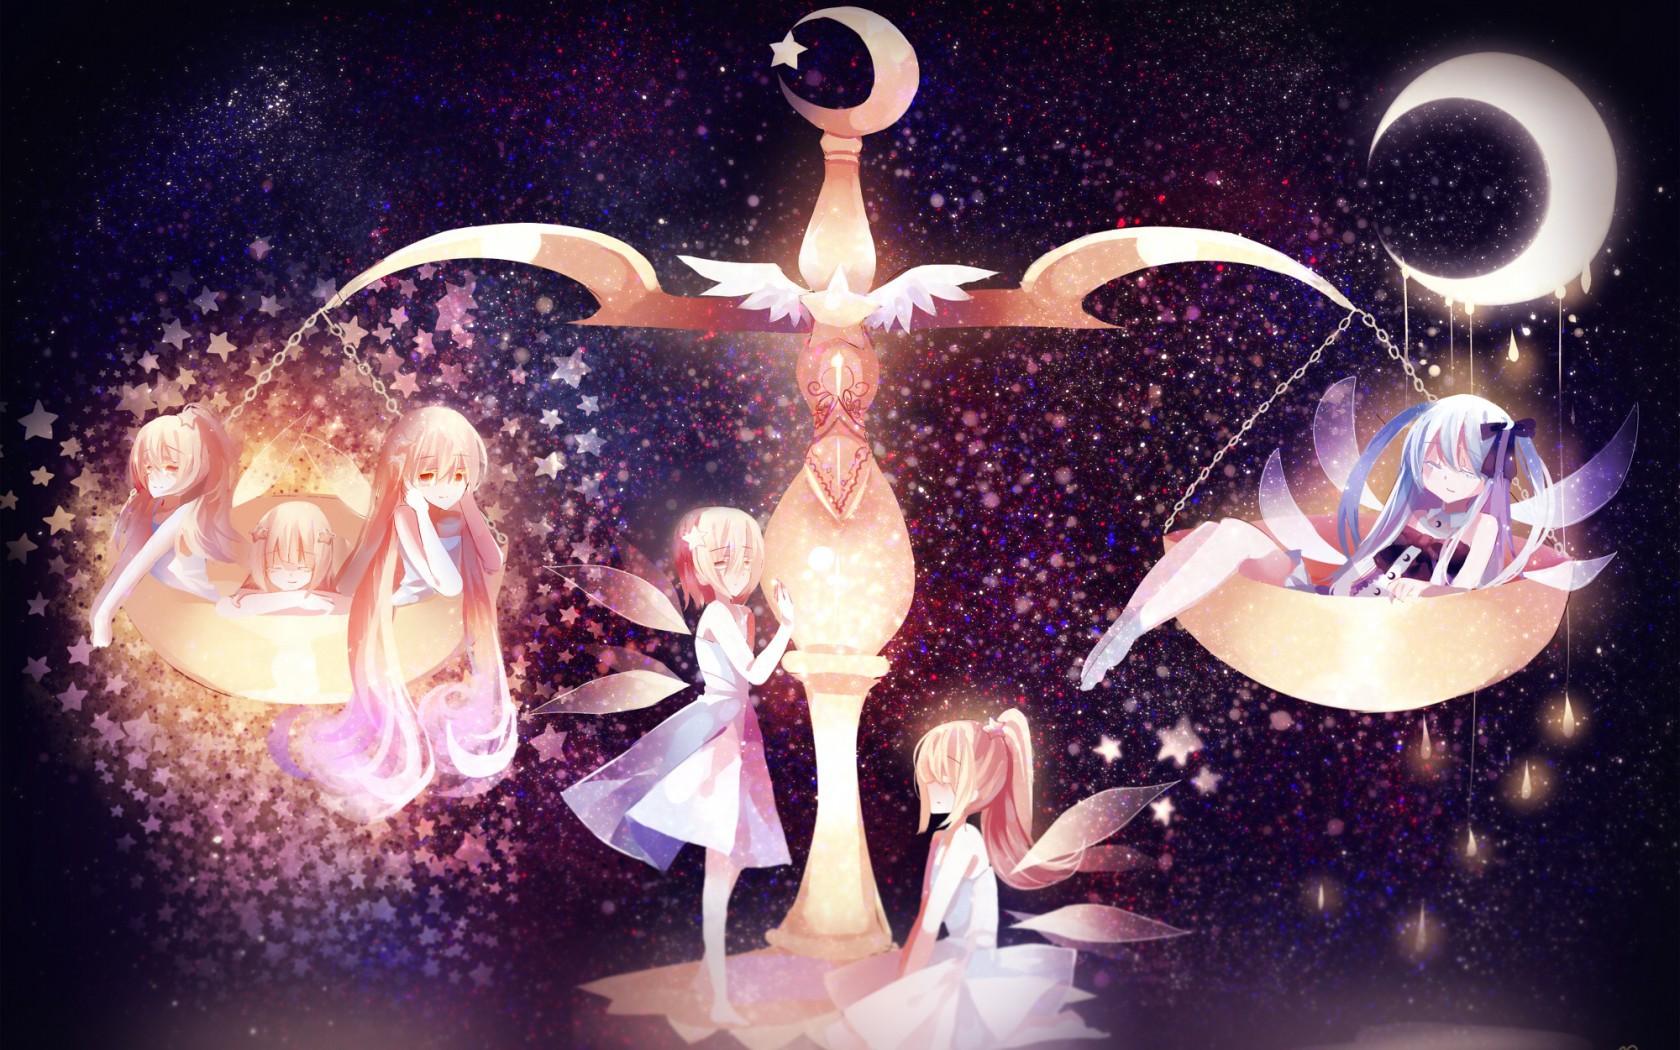 Ảnh anime 12 cung hoàng đạo cung Thiên Bình